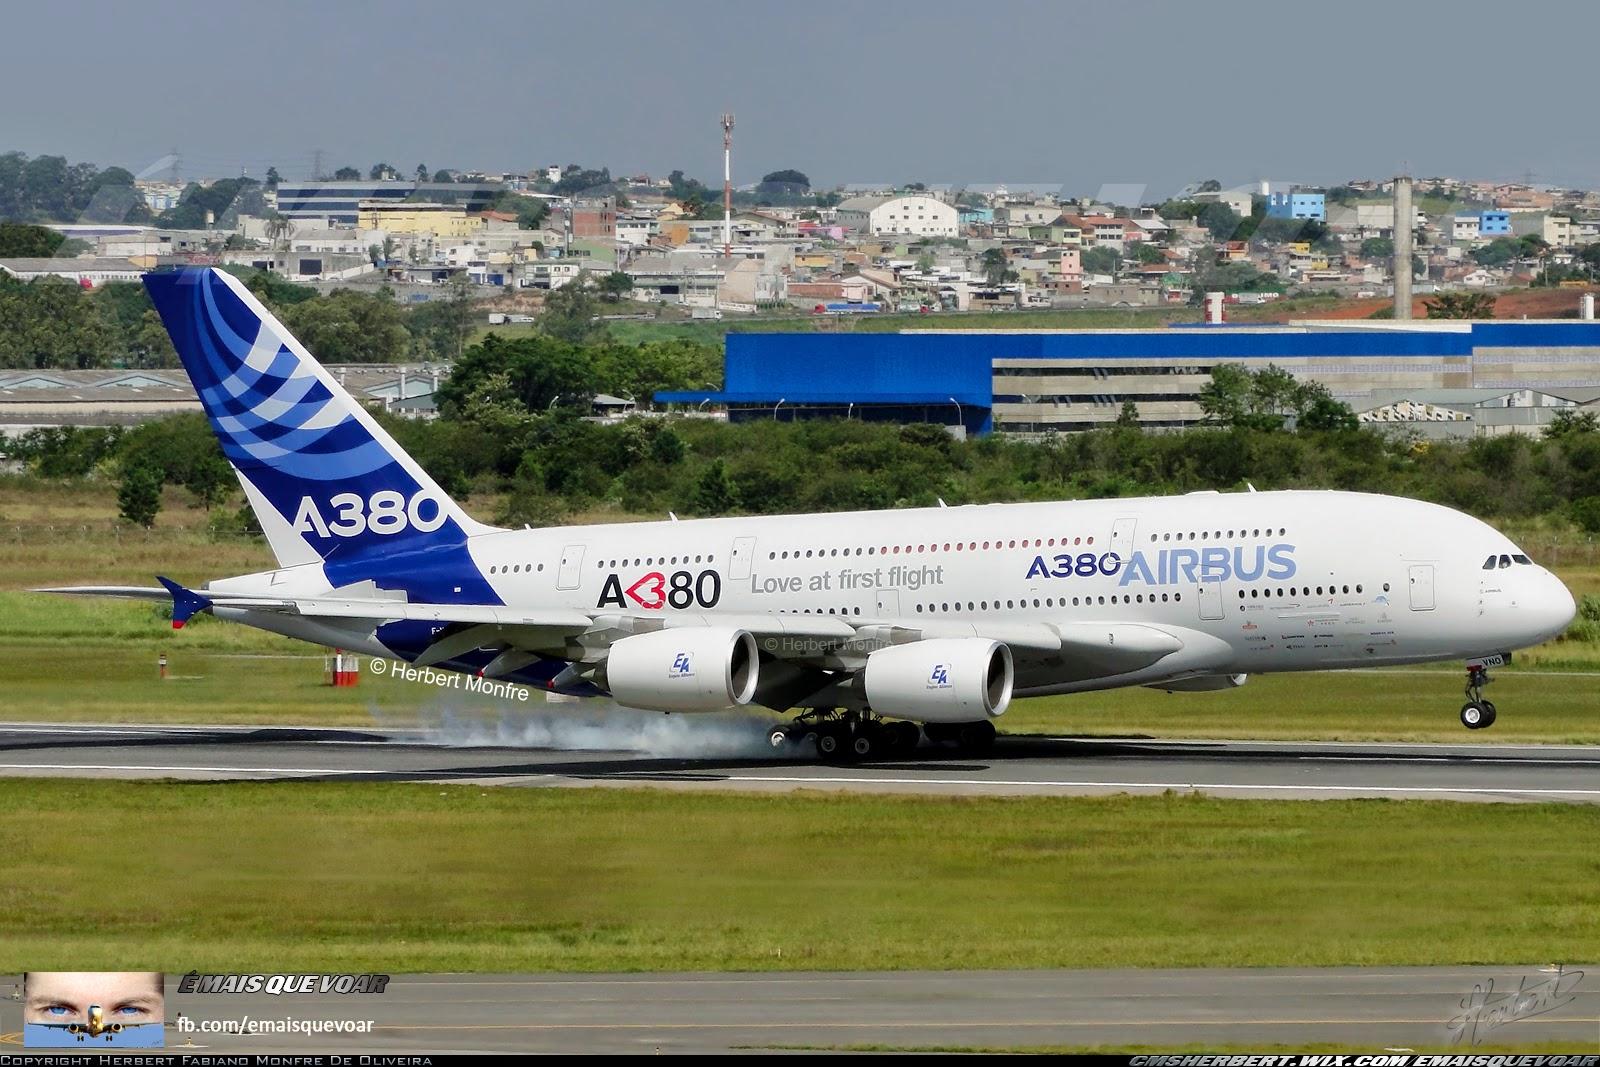 Nosso registro do A380 tocando o solo de Guarulhos-SP em 2012. | Foto © Herbert Monfre.